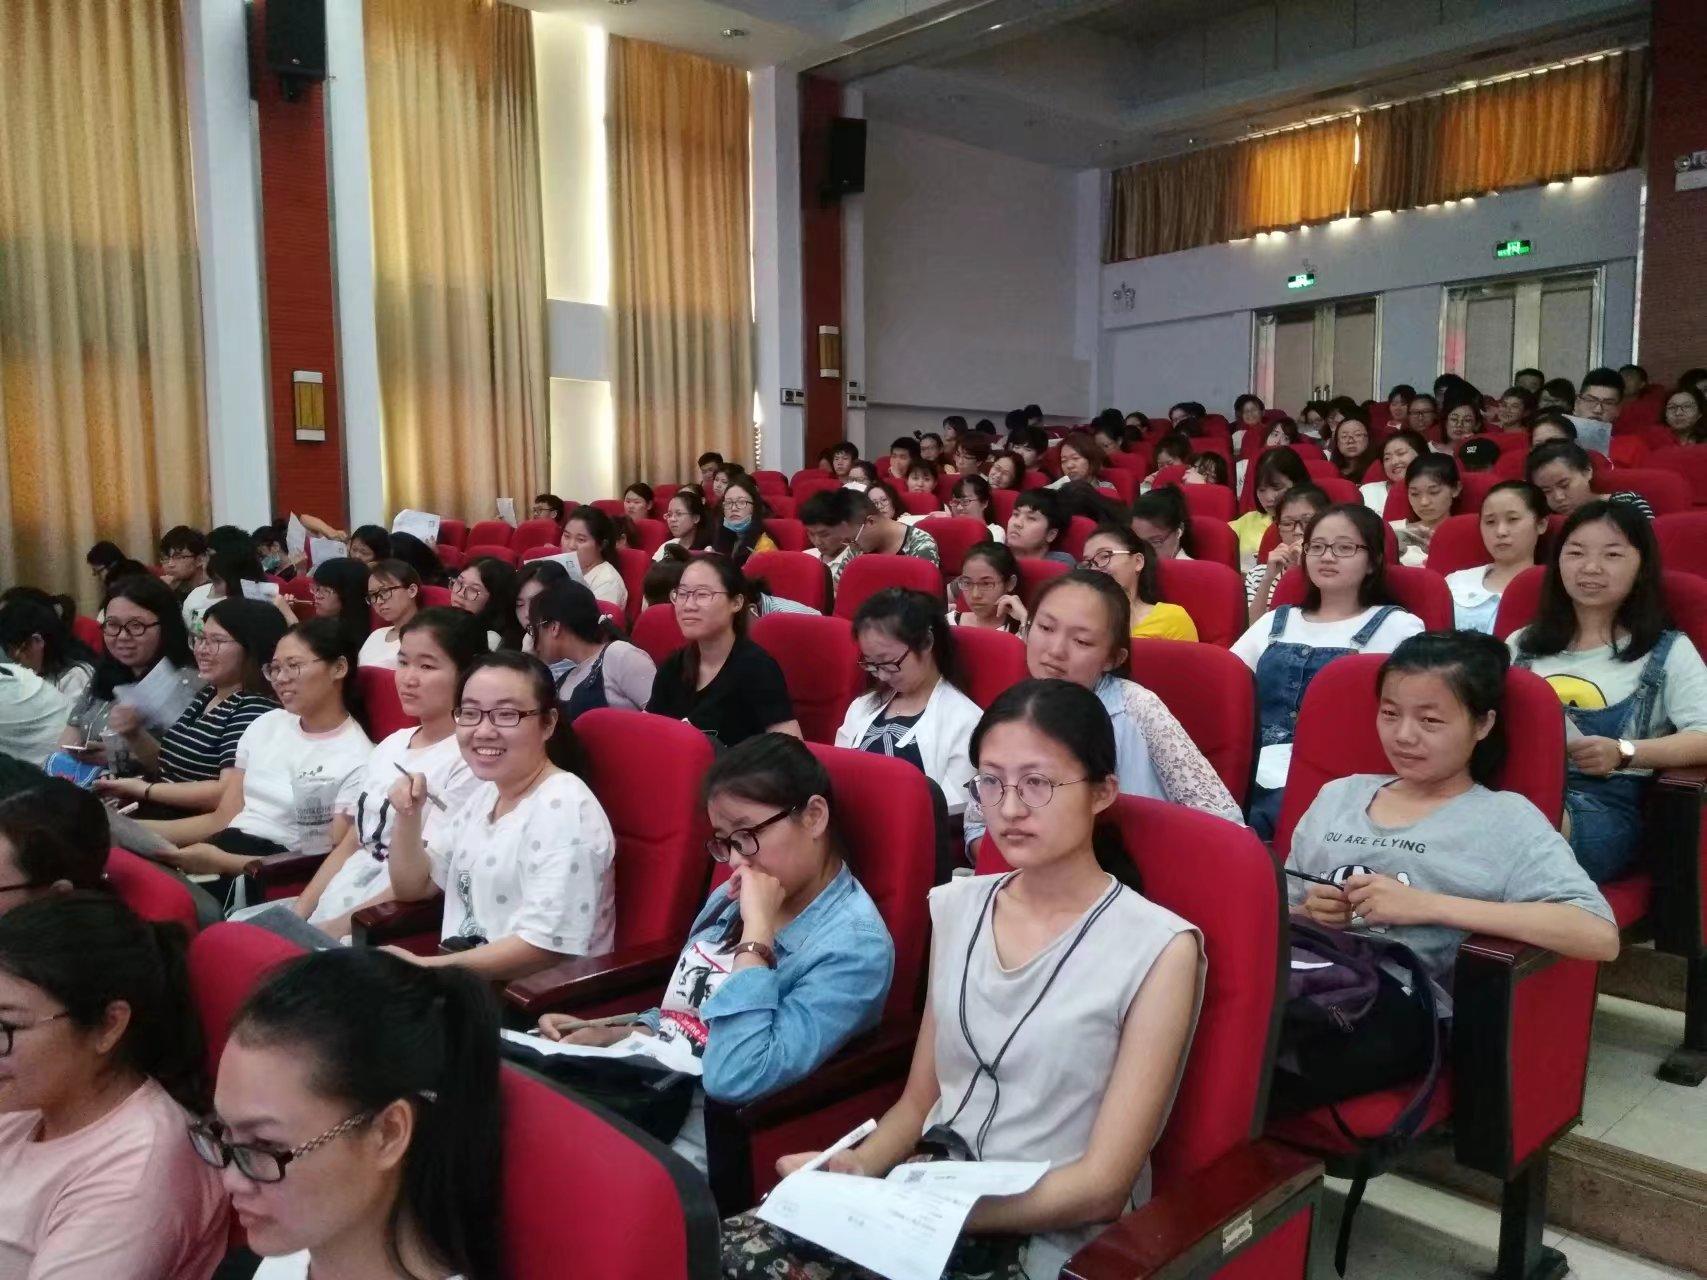 青年之声·记马克思主义学院简历指导培训讲座